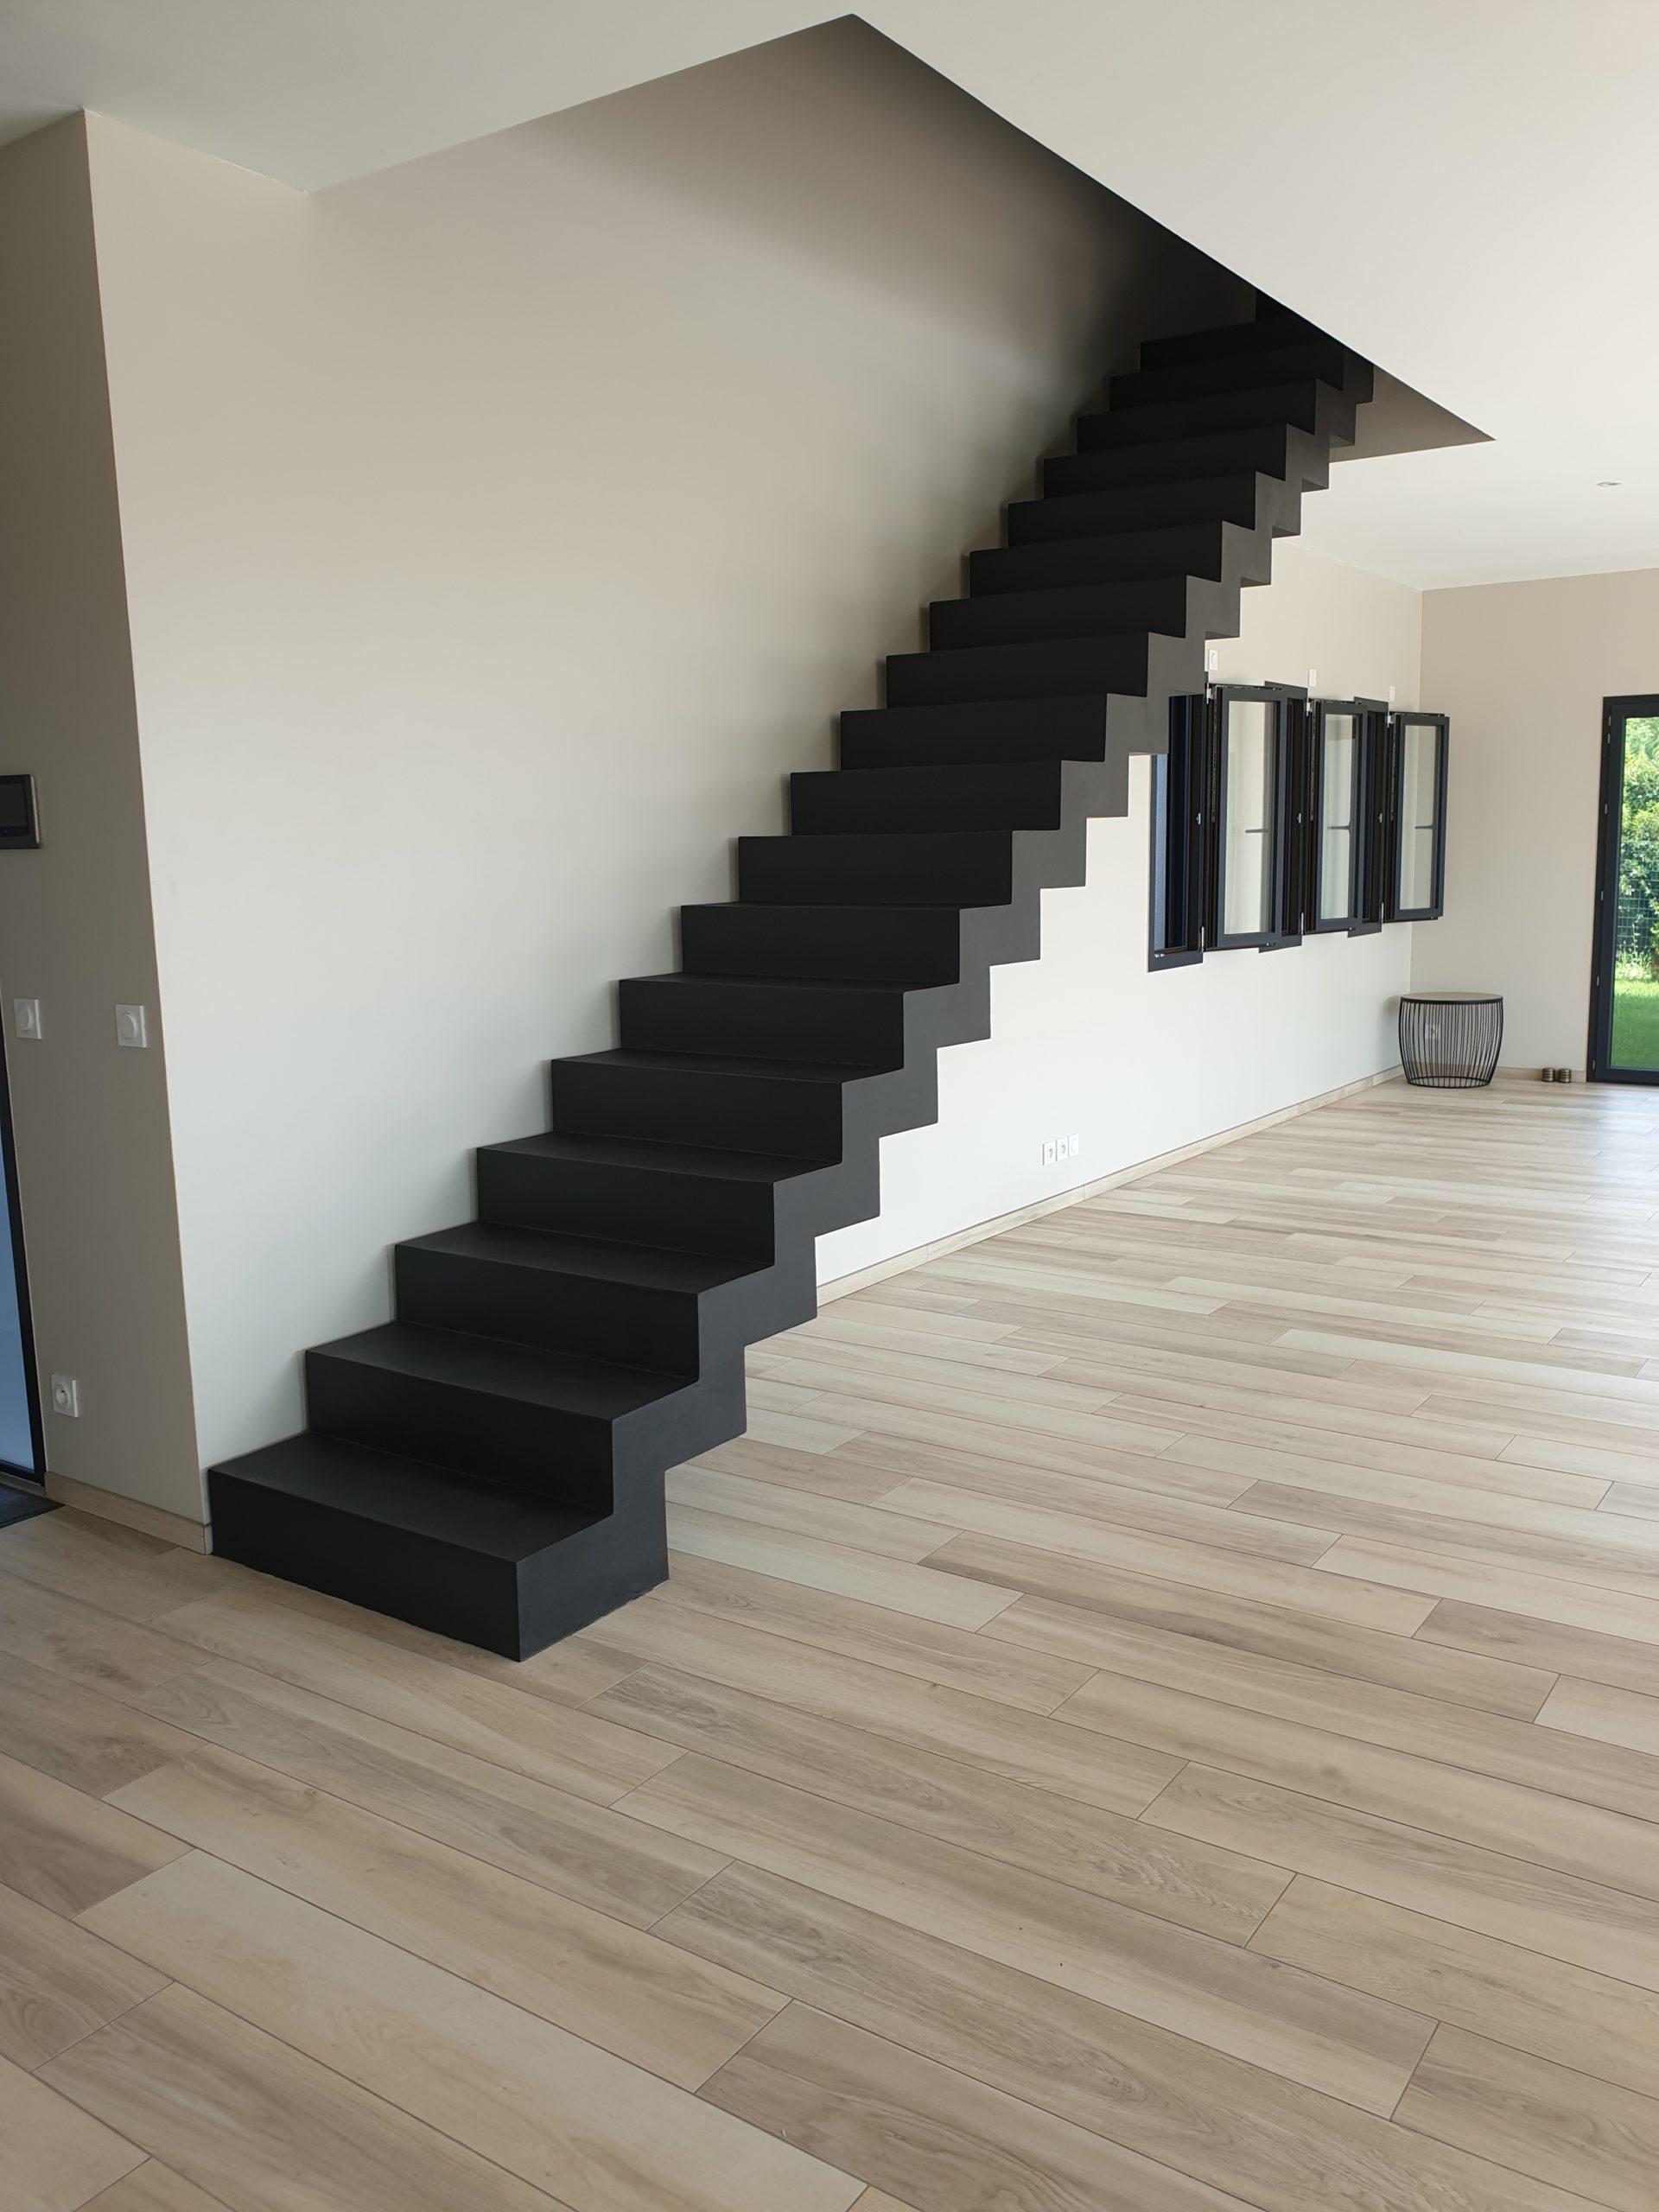 Escalier crémaillère sublimé par l'application d'un béton ciré couleur ardoise